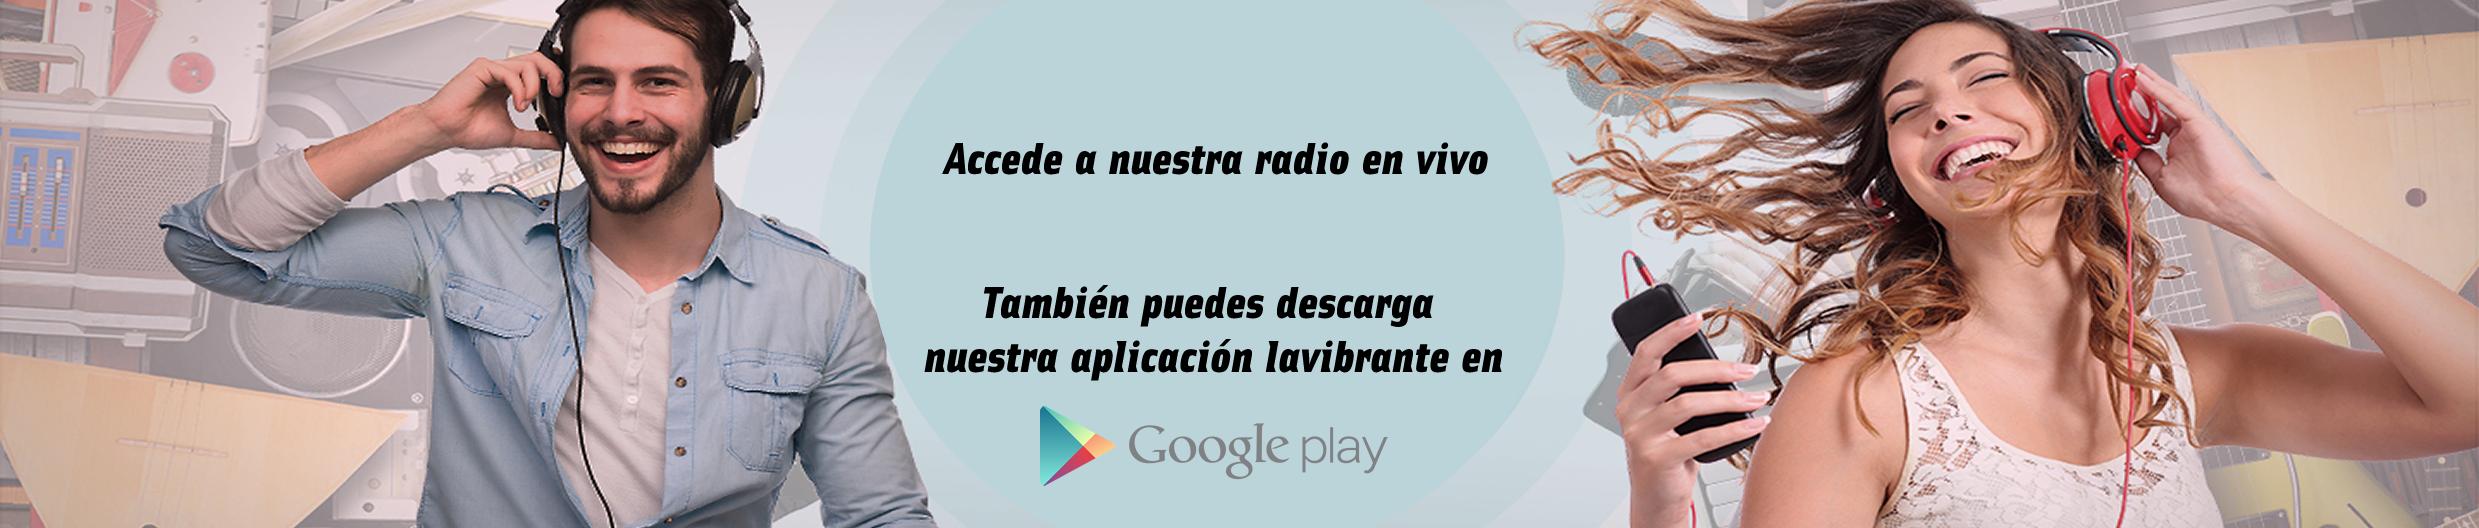 radiolavibrante